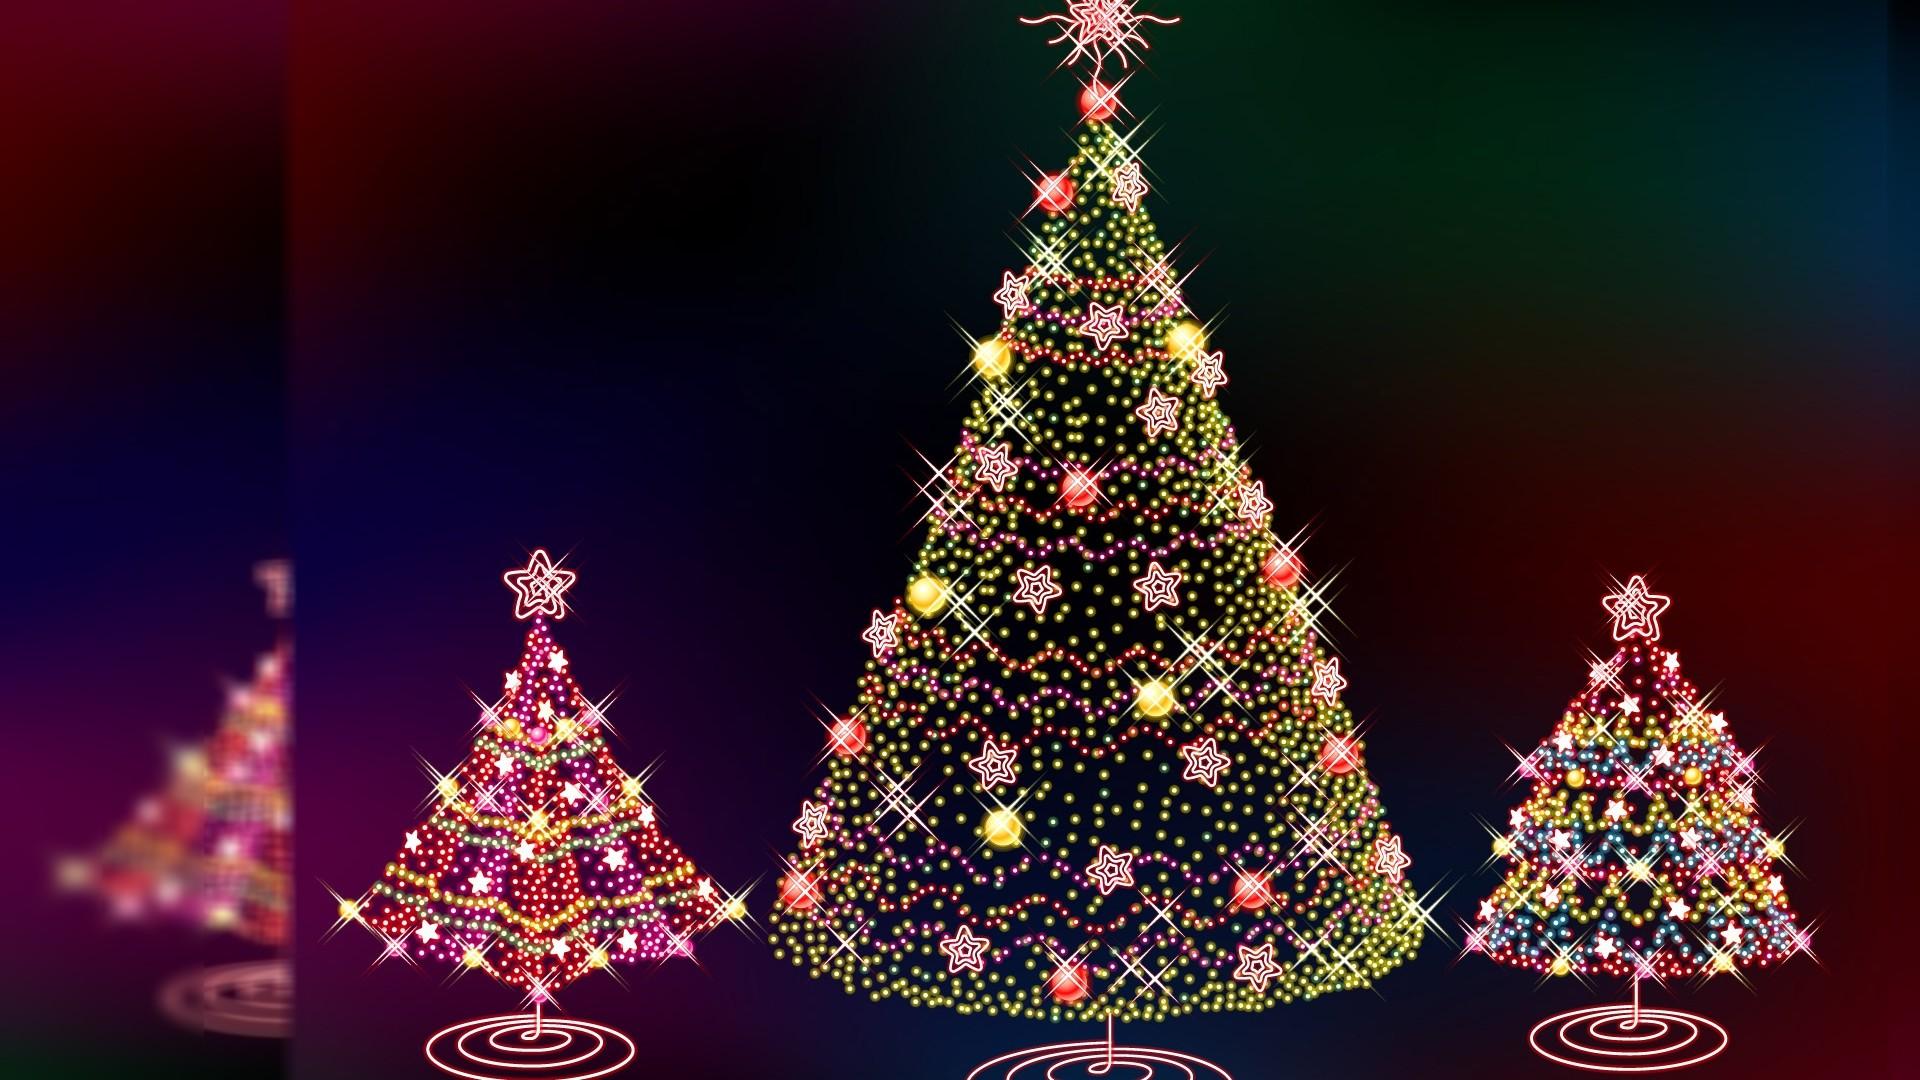 holiday desktop wallpaper  68  images